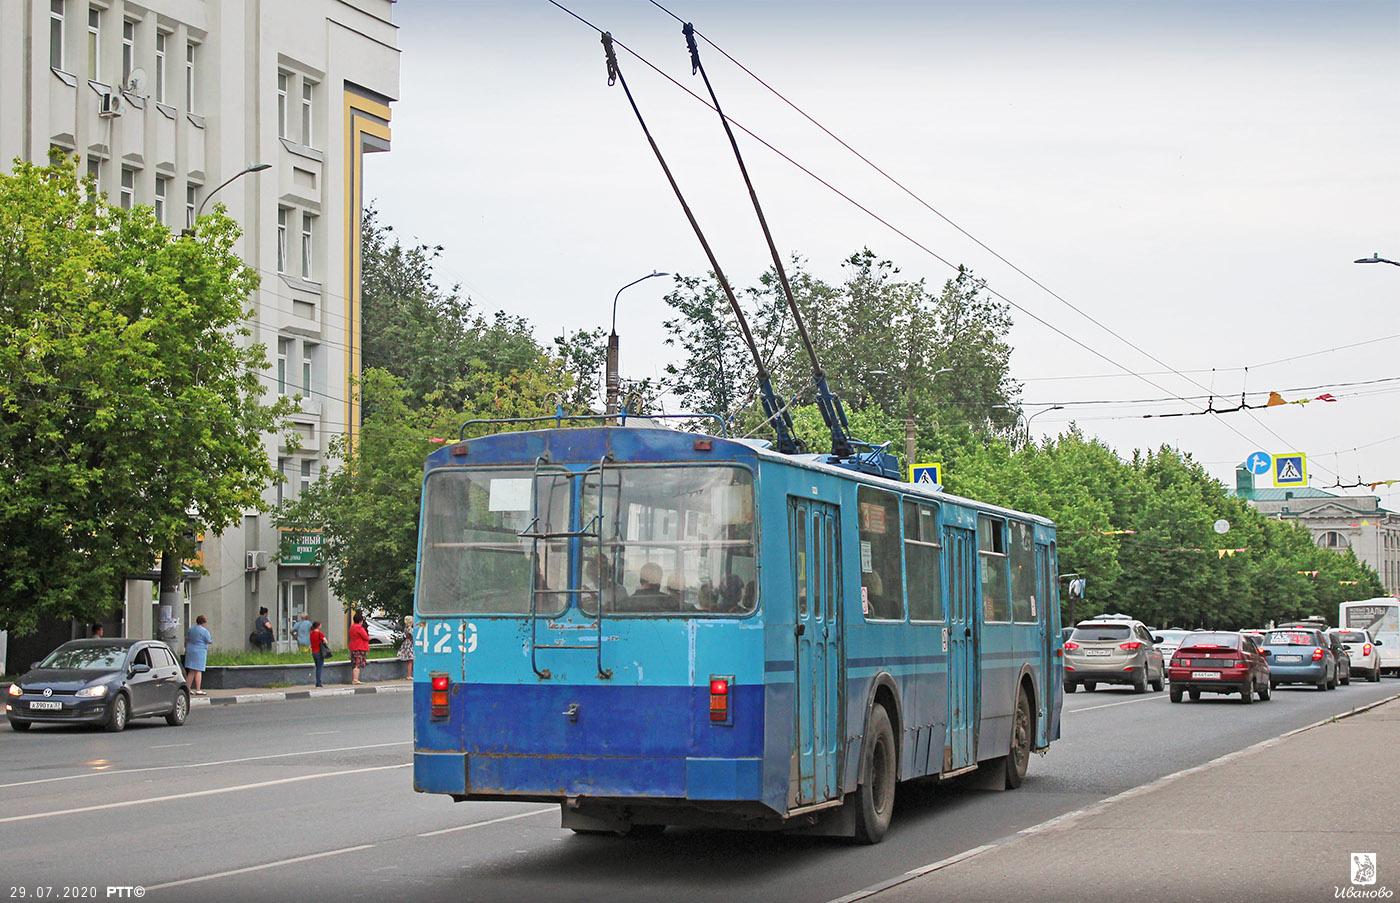 нас картинки в трамвае один наличии открытка свадьбу